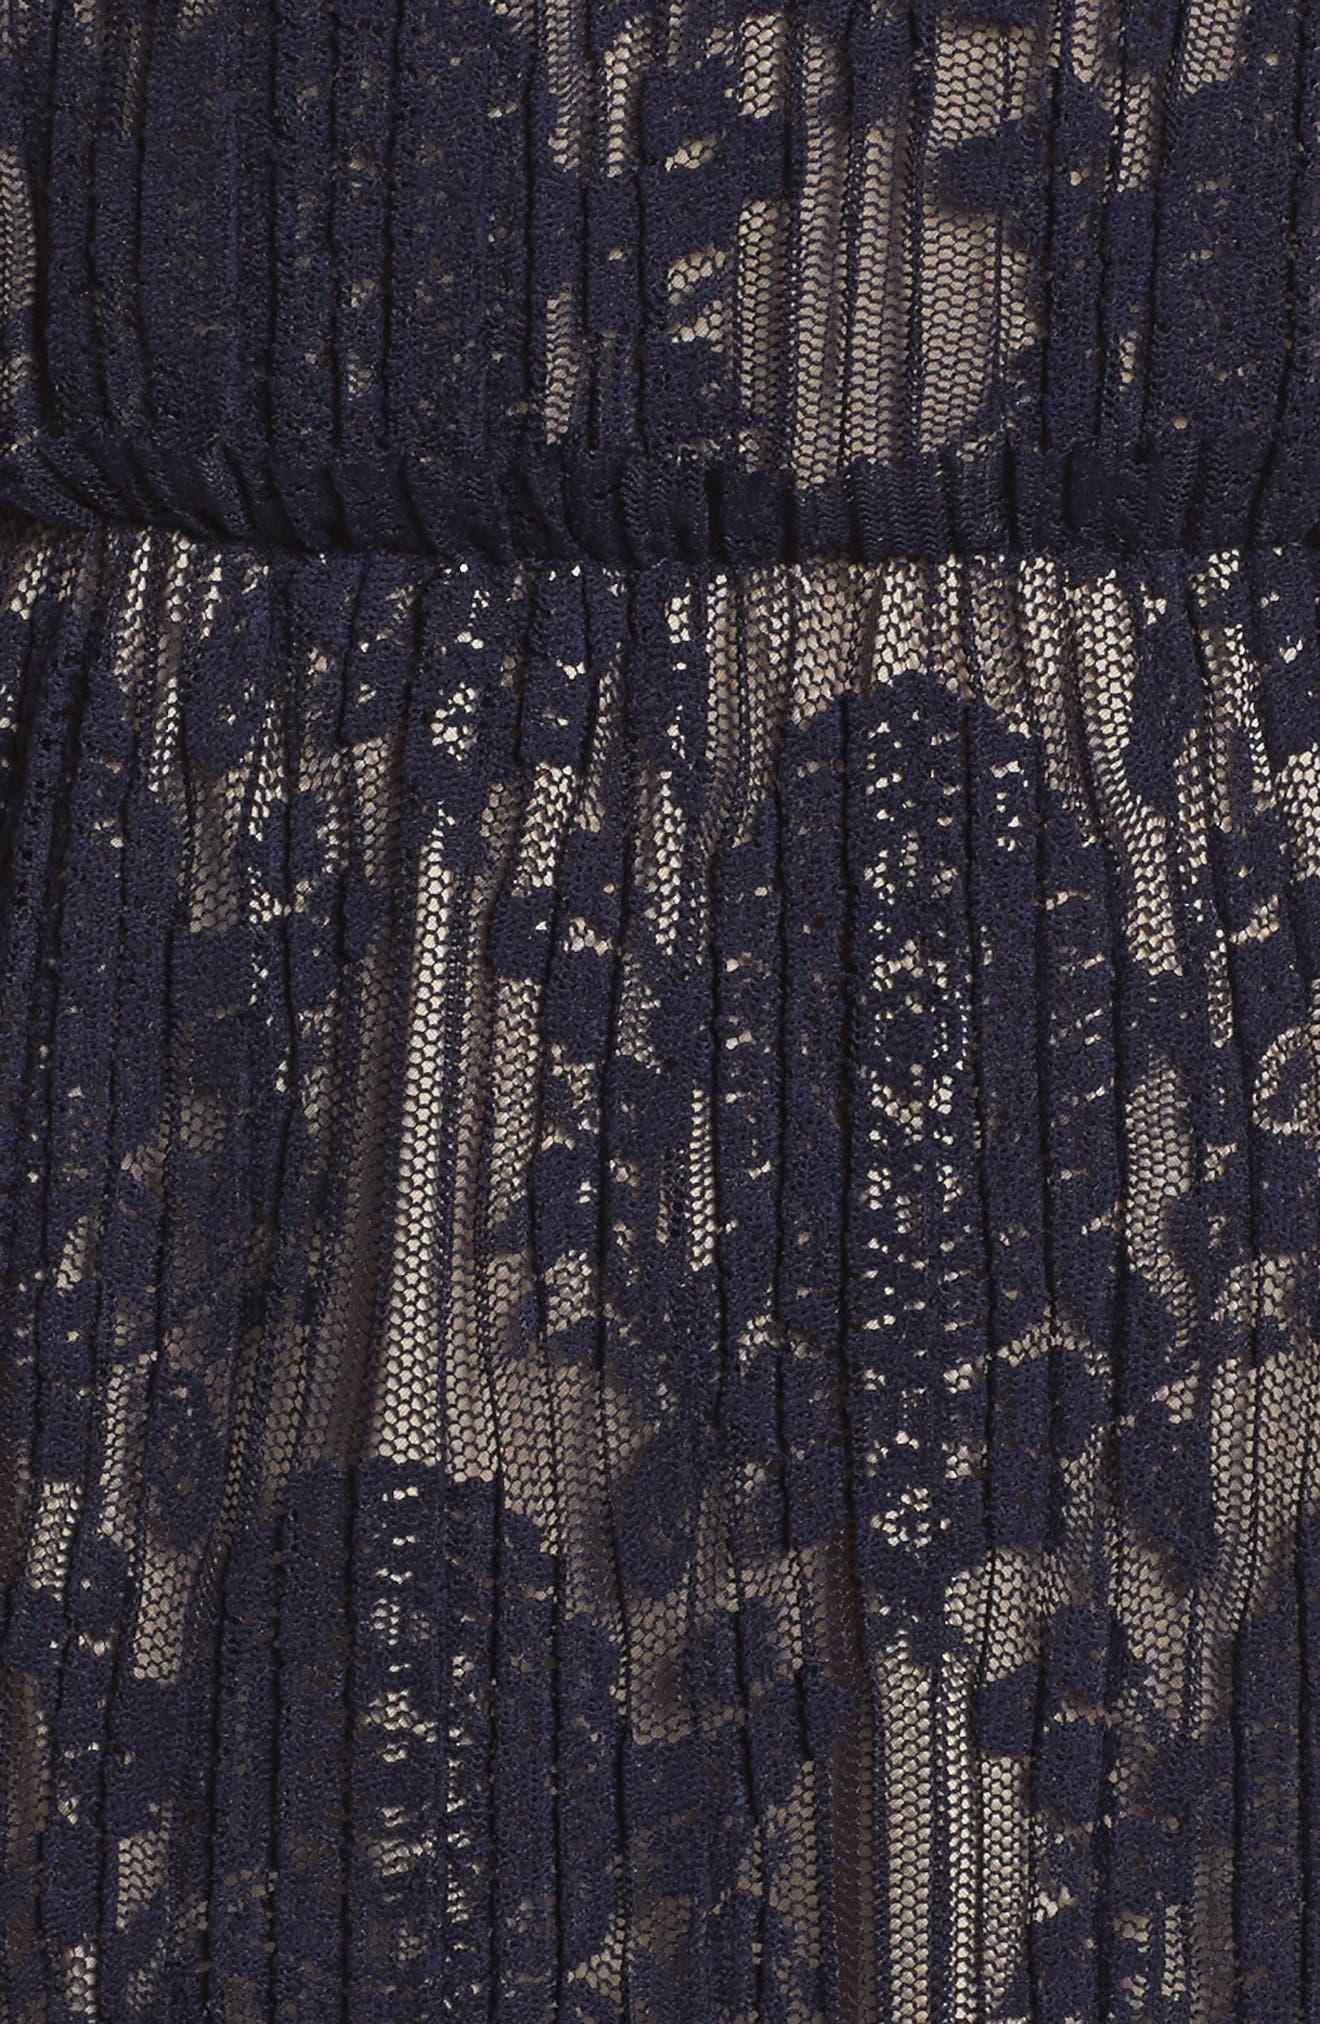 Lace Midi Dress,                             Alternate thumbnail 5, color,                             402